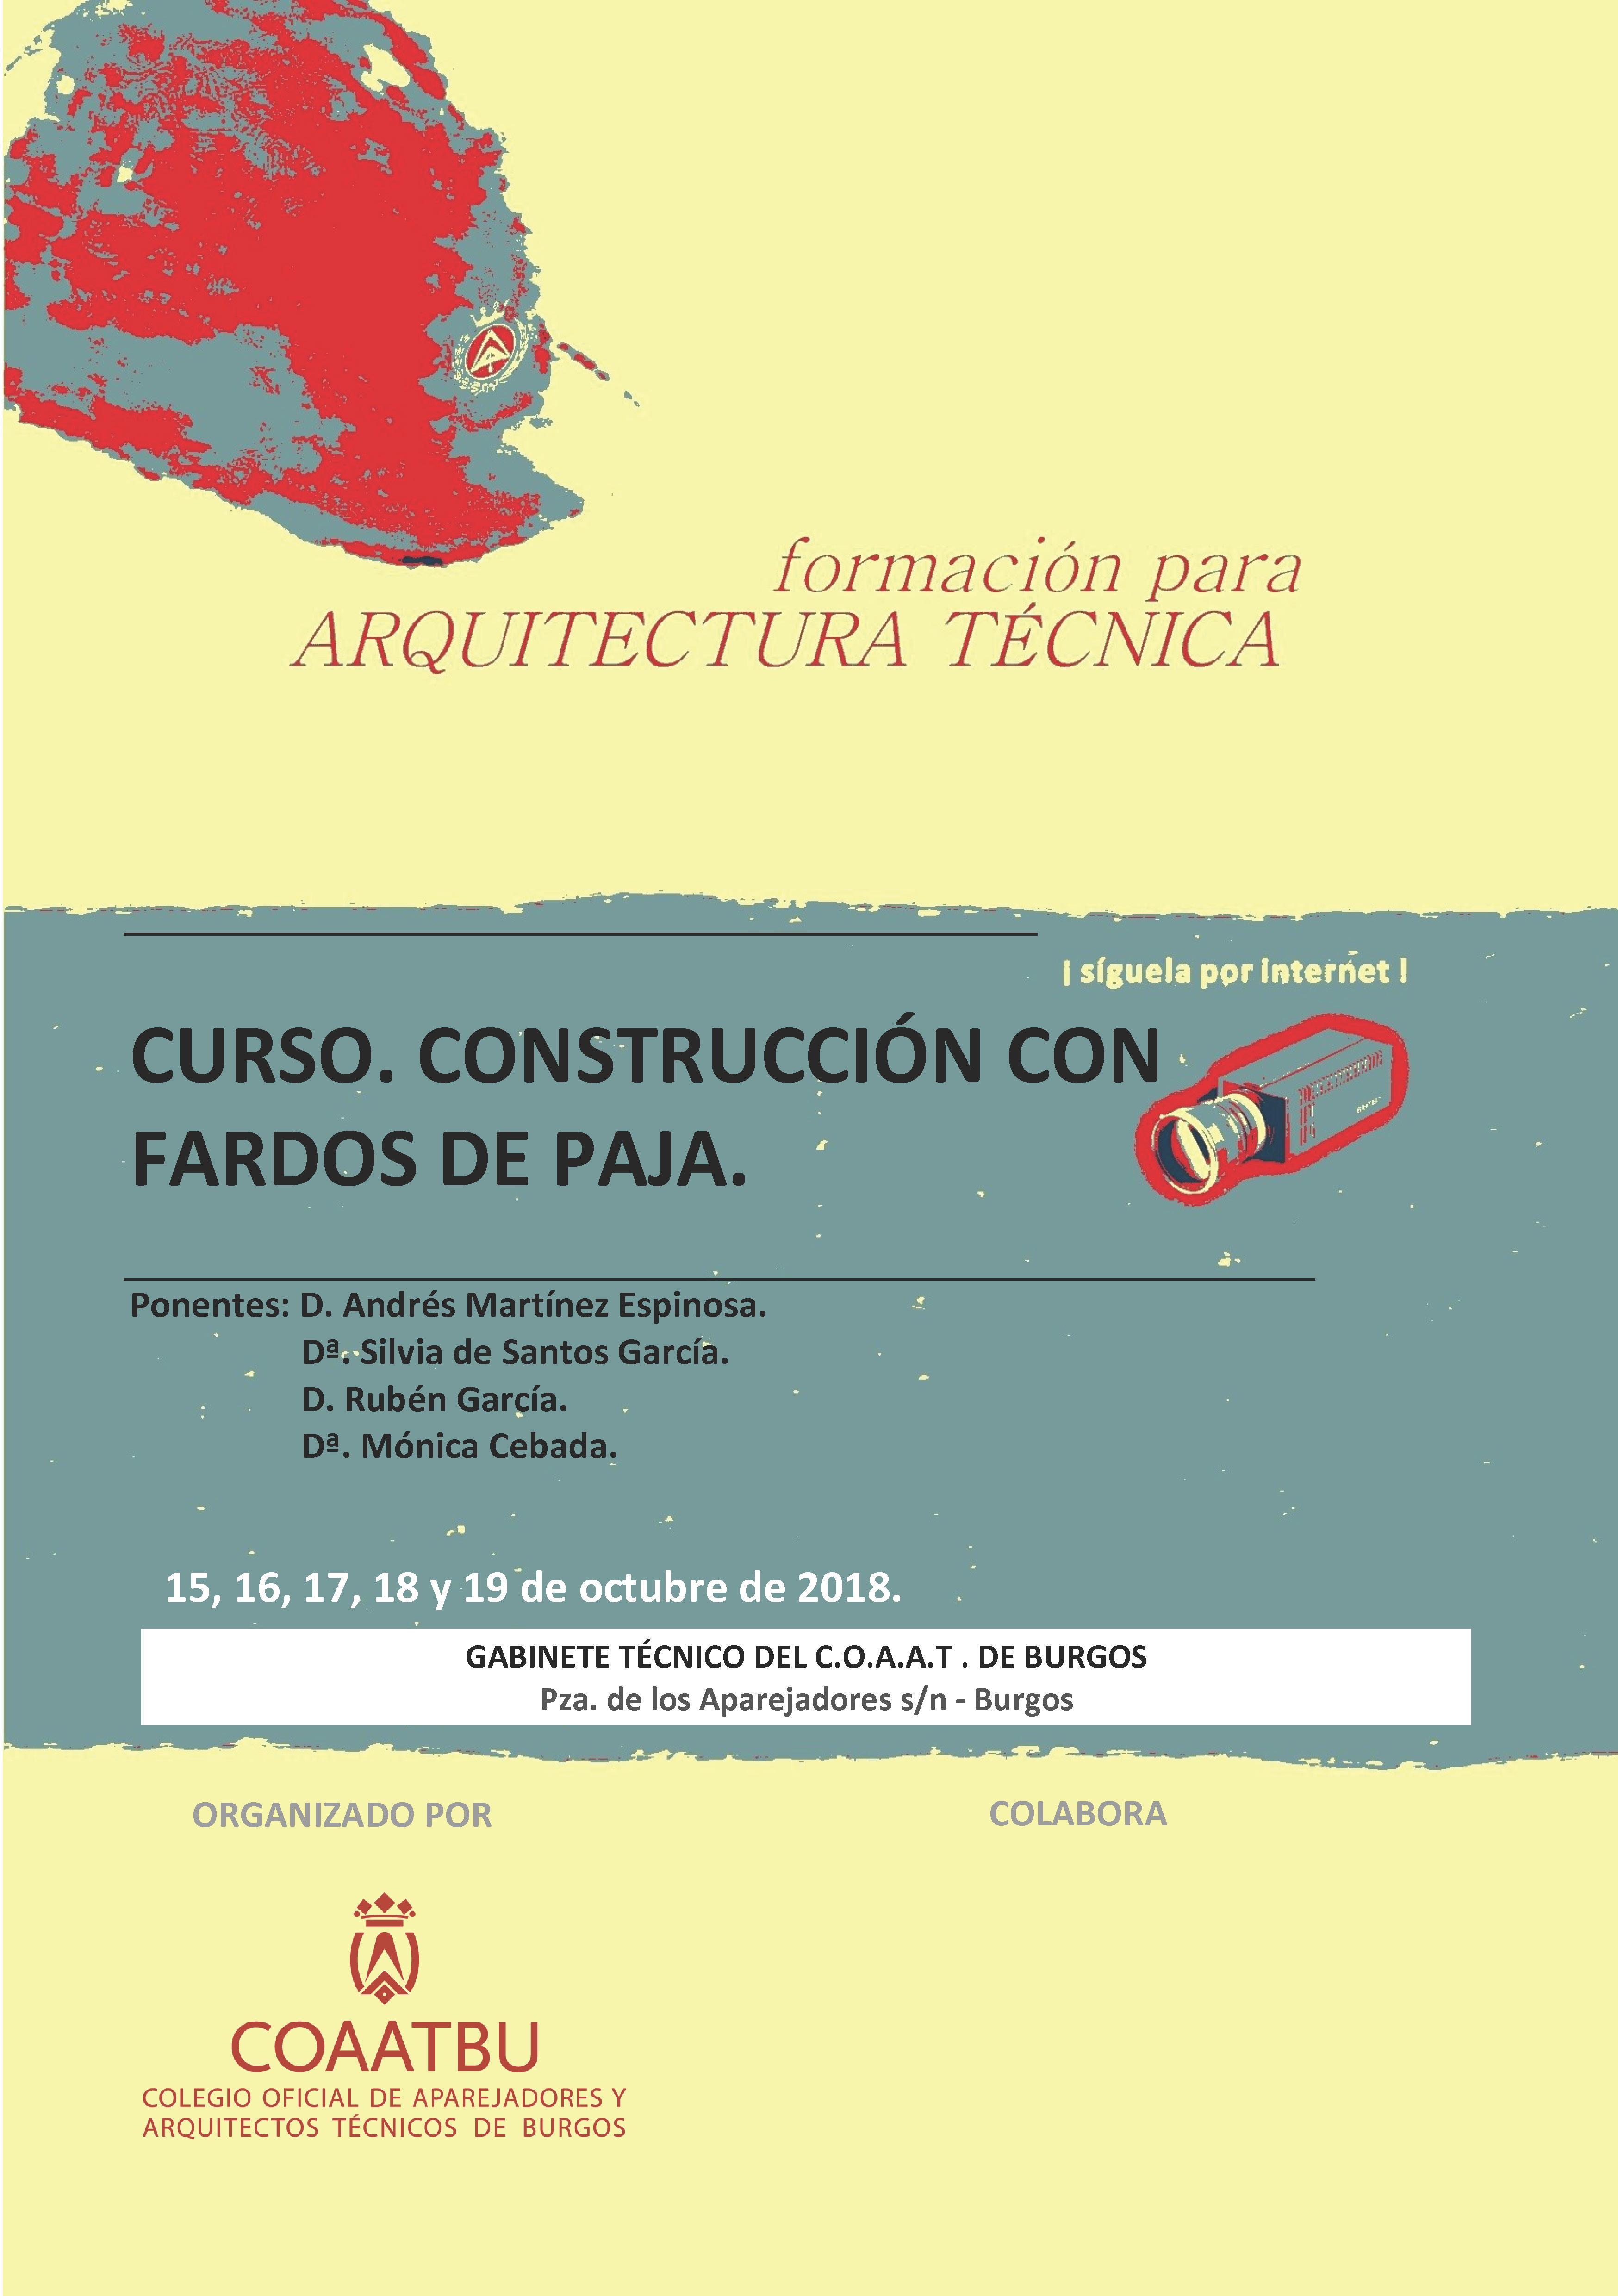 CURSO ONLINE DE CONSTRUCCIÓN CON FARDOS DE PAJA